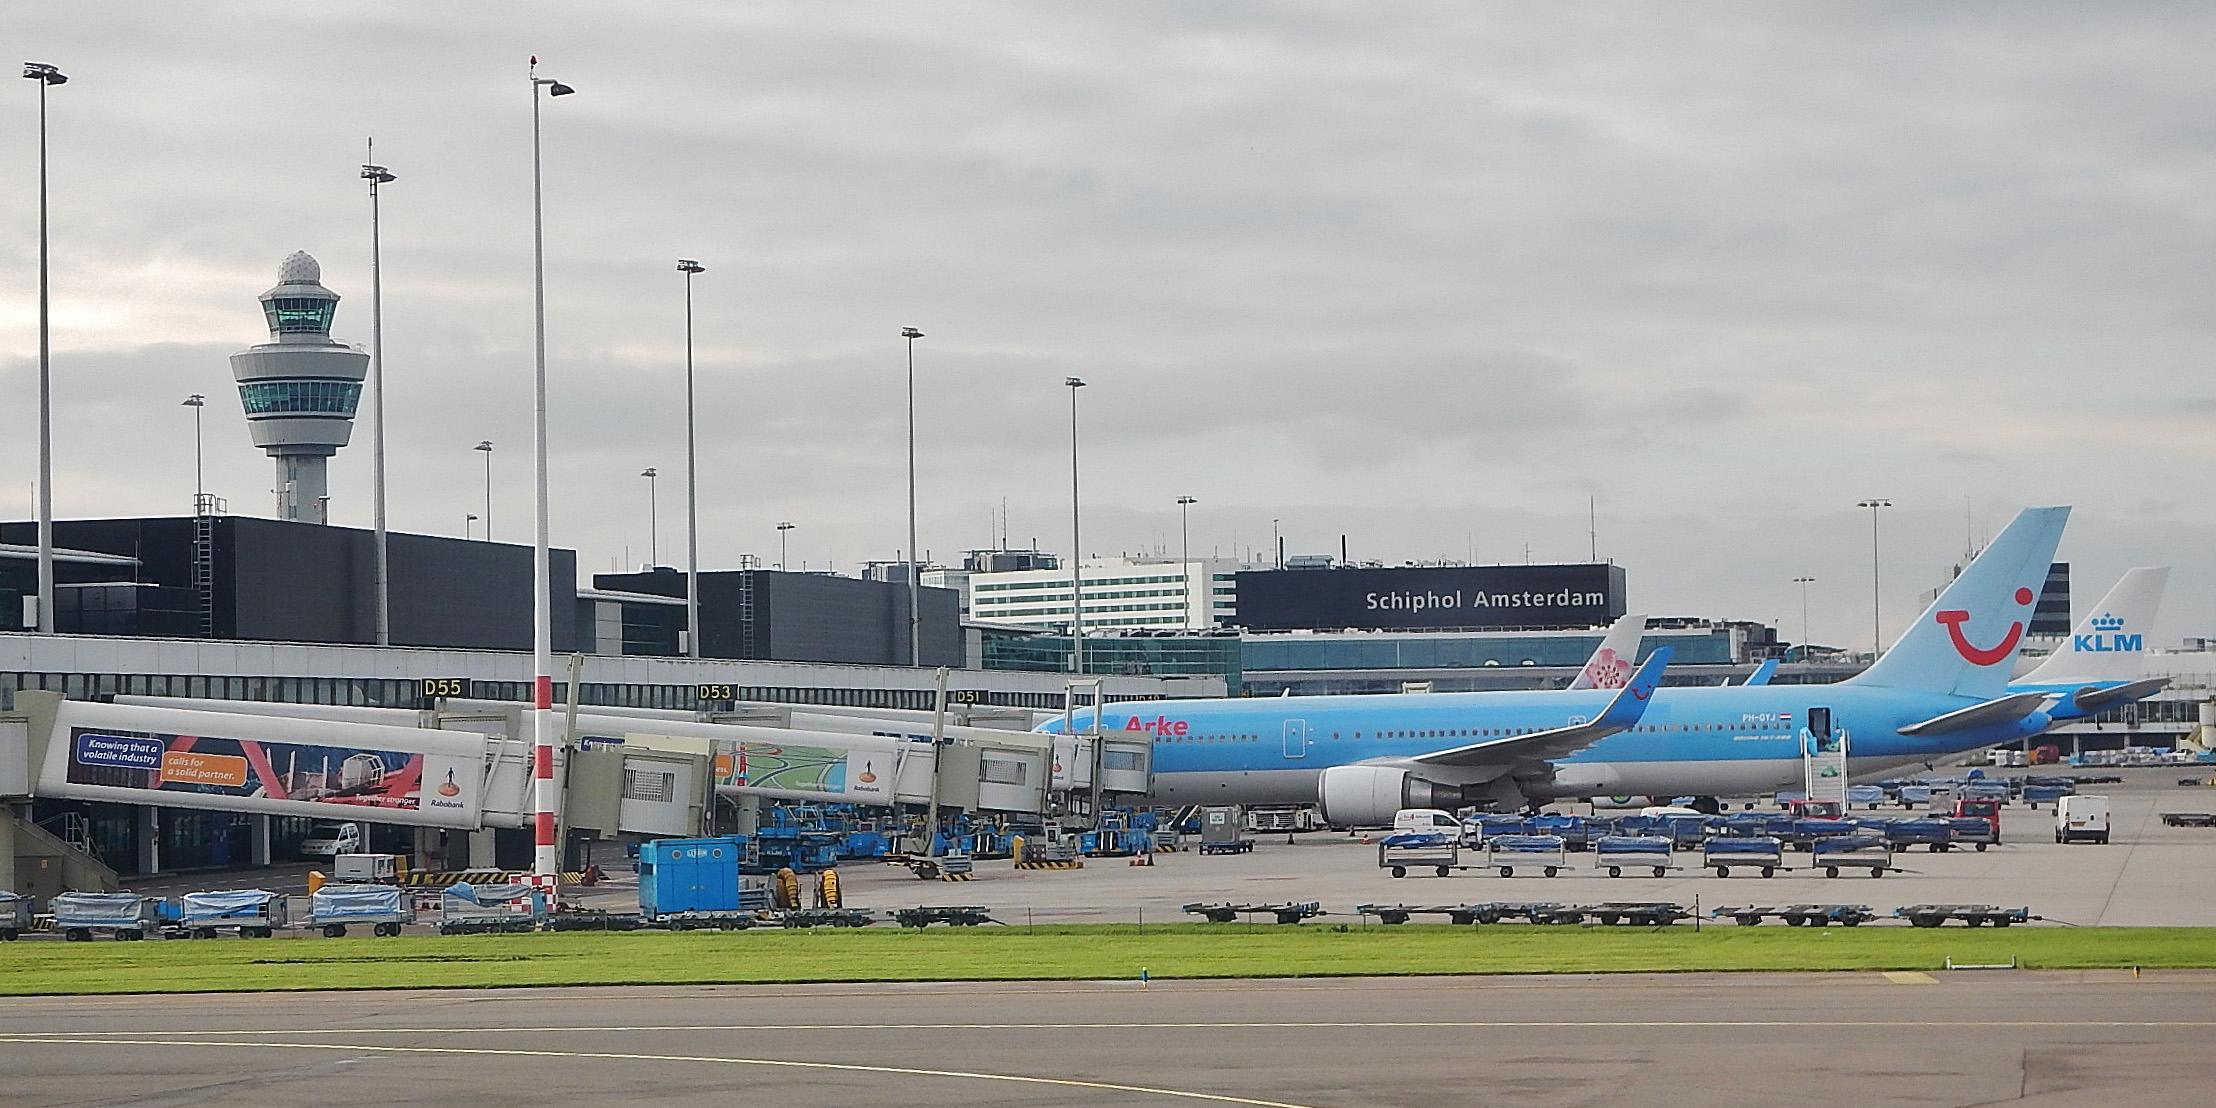 فرودگاه امستردام